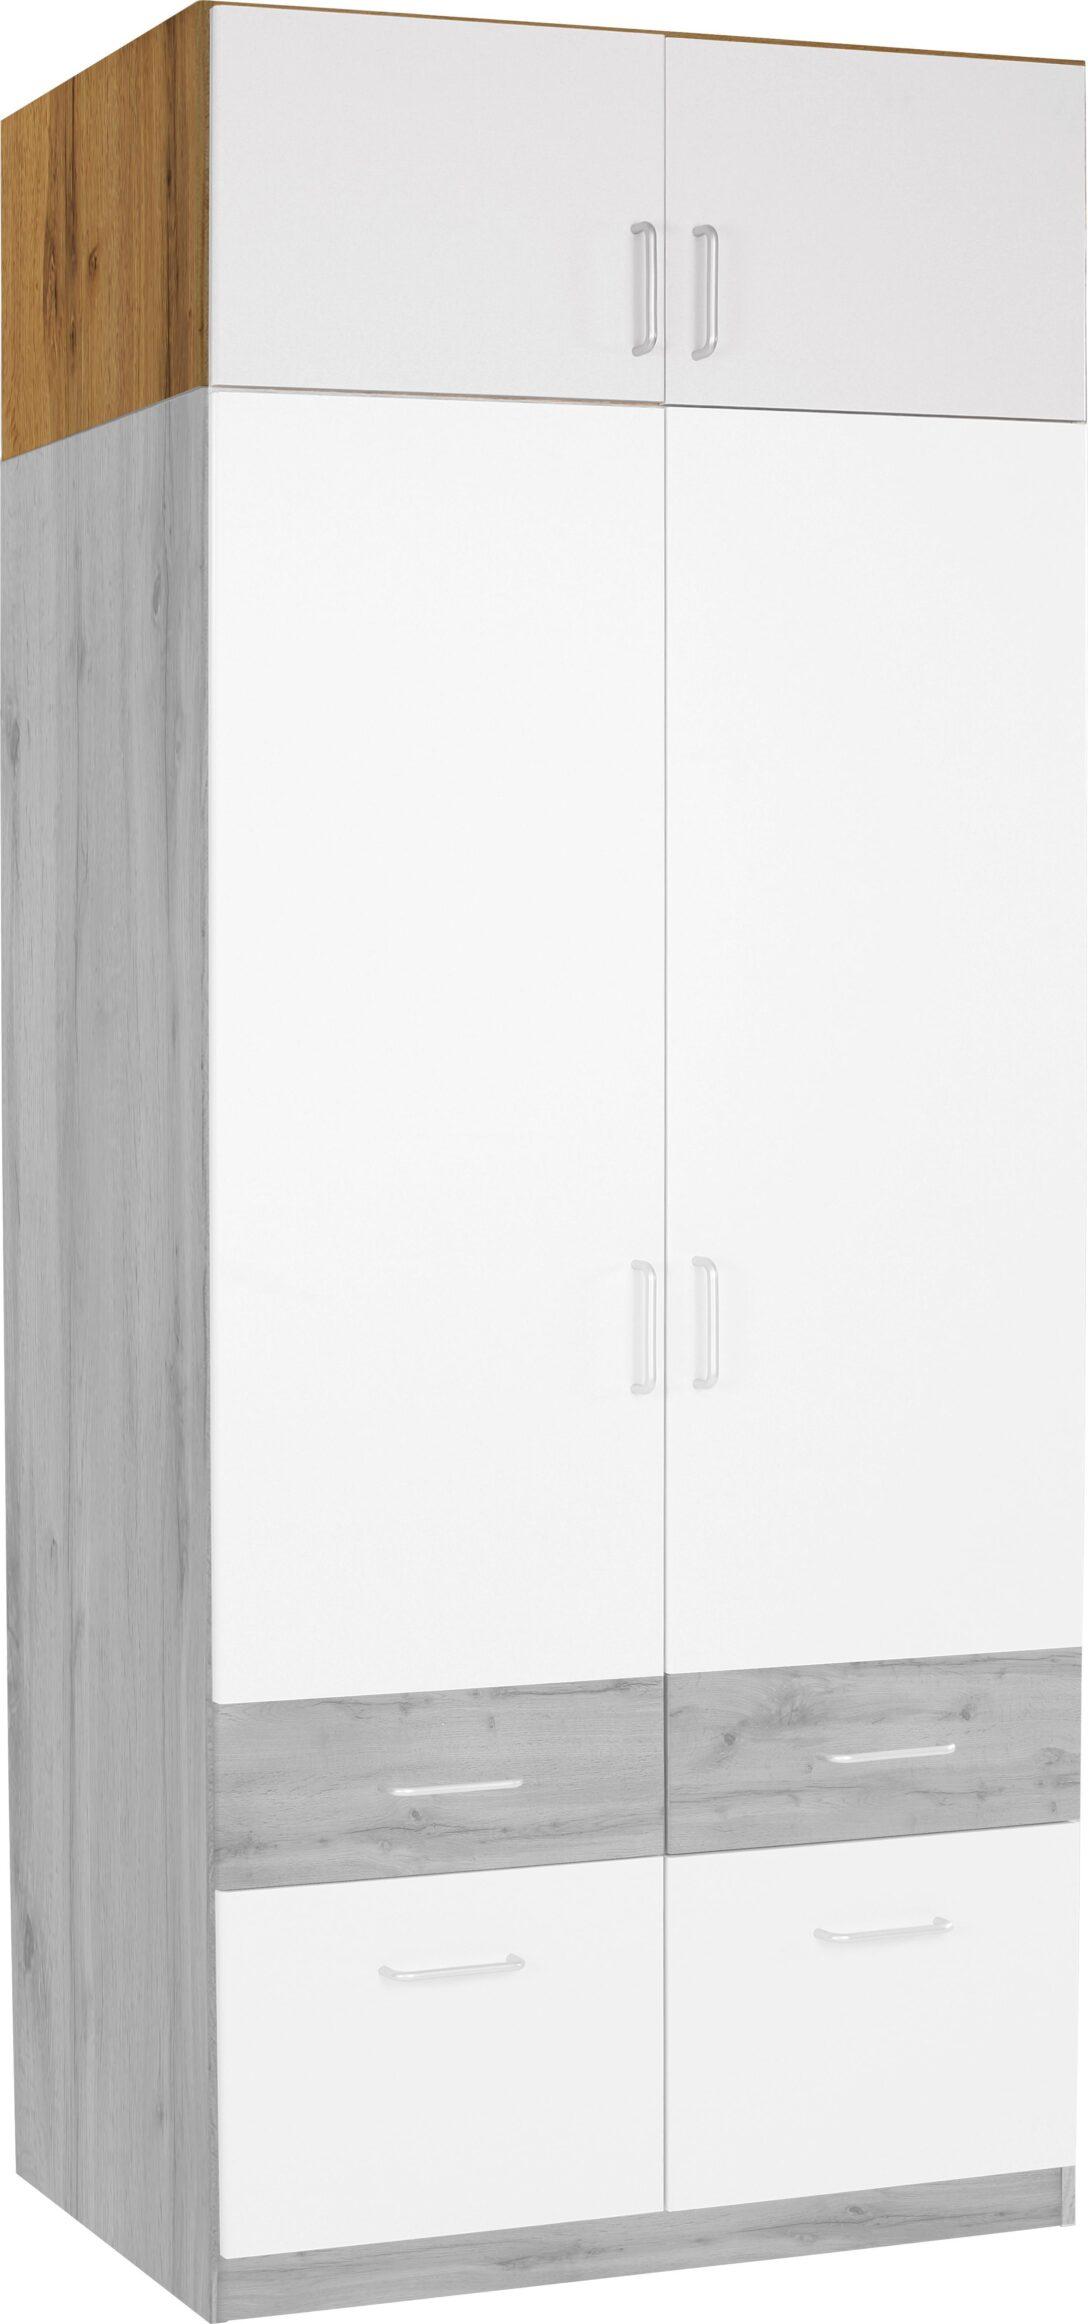 Large Size of Rollo Aufsatzschrank Kuche Spüle Küche Weiß Matt L Form Pantryküche Mit Kühlschrank Schwarze Miniküche Einbauküche Ohne Selber Planen Einhebelmischer Wohnzimmer Aufsatz Jalousieschrank Küche